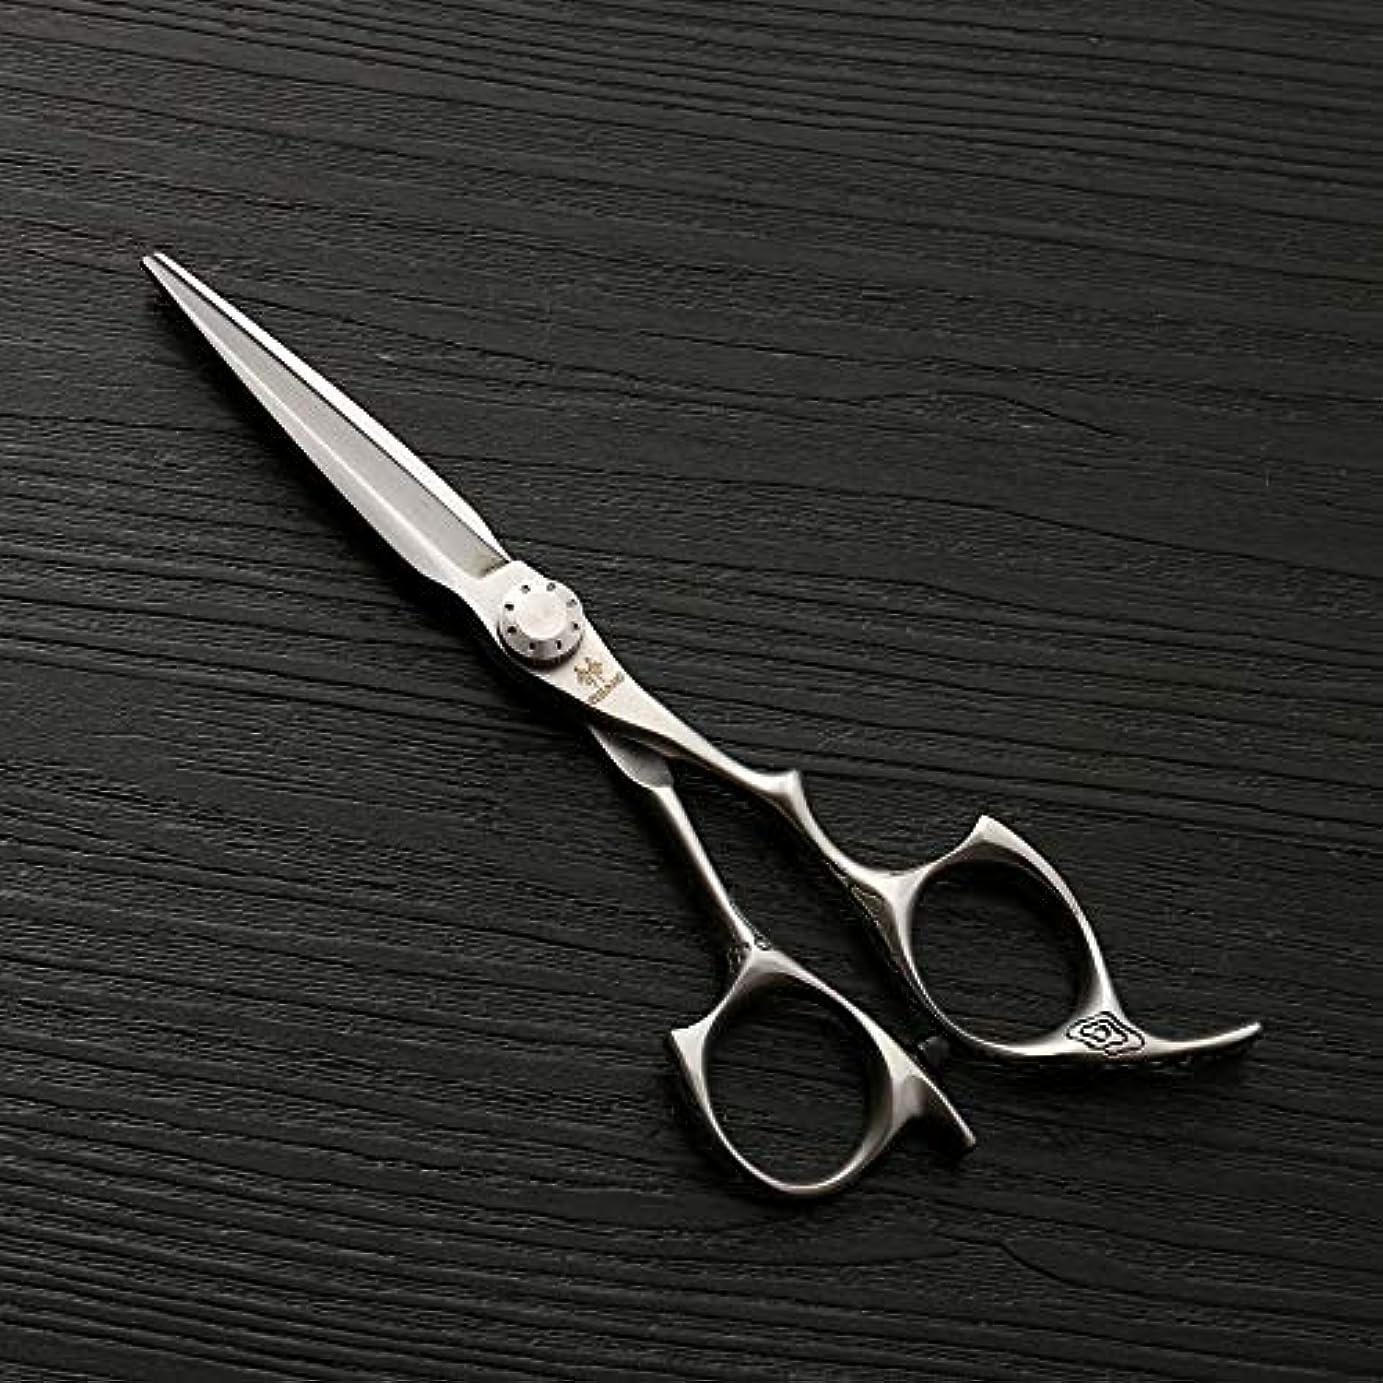 ペッカディロ従順なカラスHOTARUYiZi 散髪ハサミ カットバサミ セニング 散髪はさみ すきバサミ プロ ヘアカット カットシザー 品質保証 耐久性 美容院 専門カット 5.5インチ 髪カット (色 : Silver)